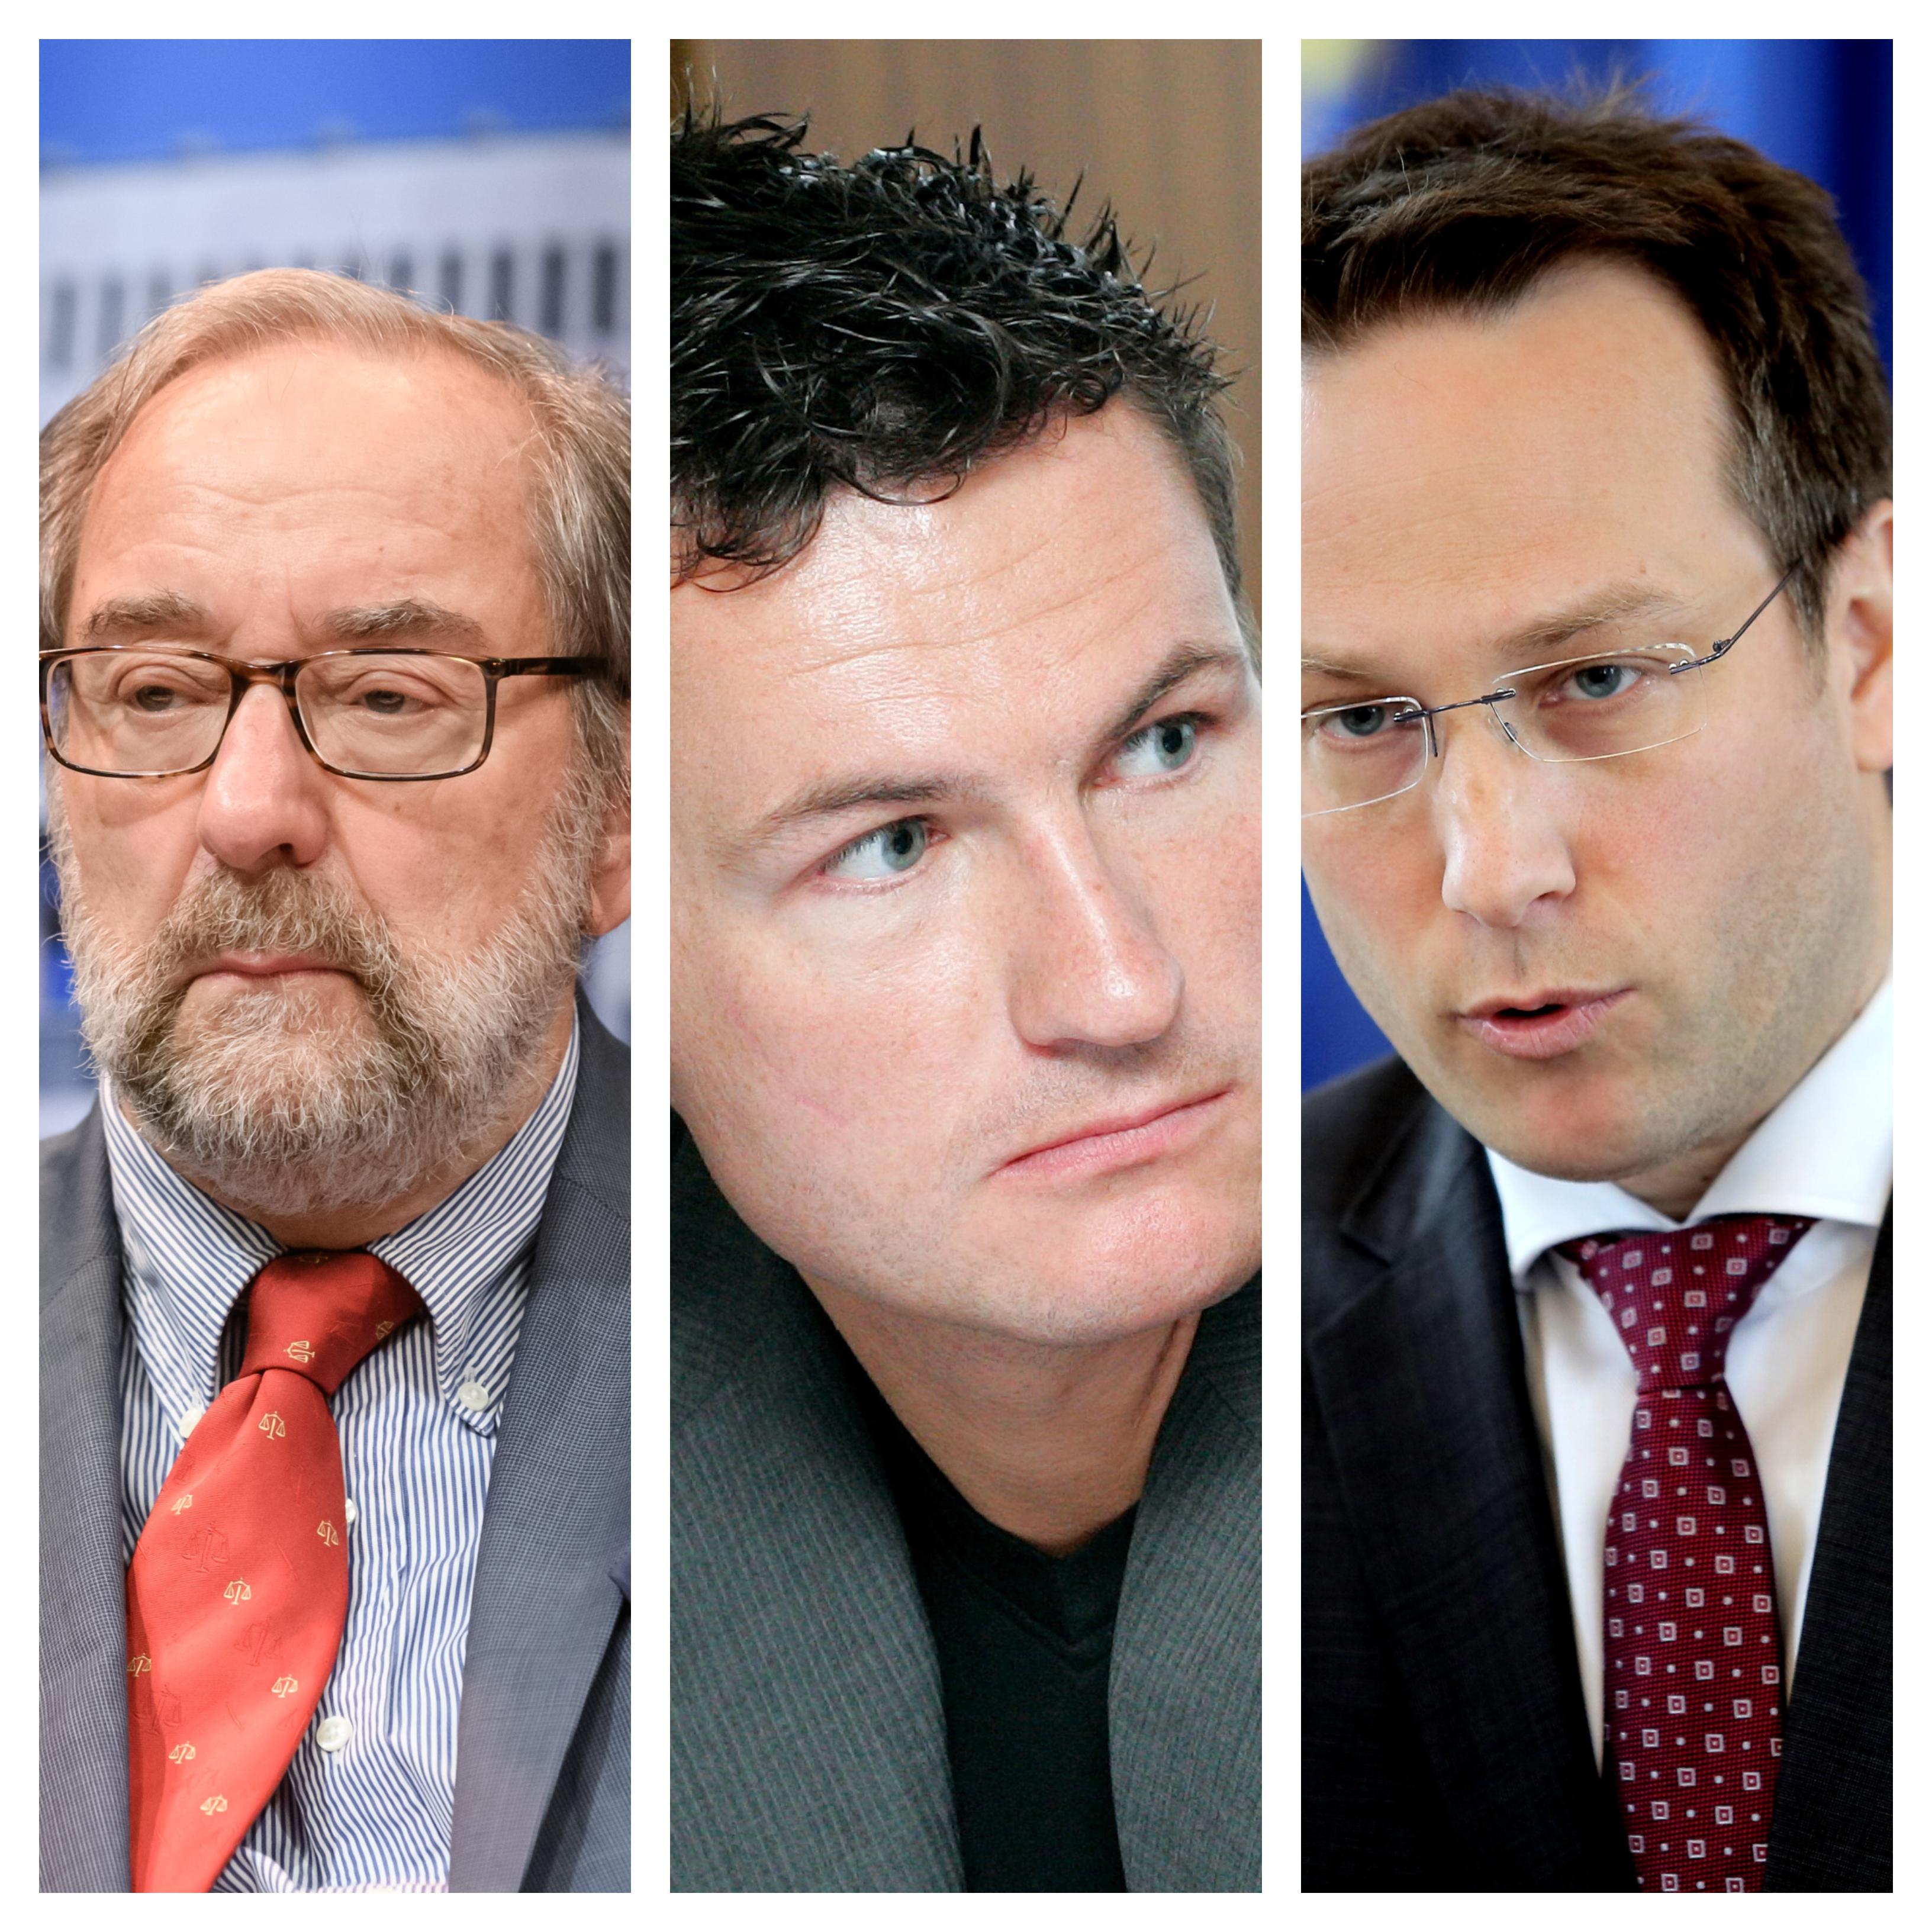 Tri eminenta pravna imena, Boštjan M. Zupančič, Jurij Toplak in Klemen Jaklič so se kritično odzvali na Accettovo škandalozno udejstvovanje. (vir STA)